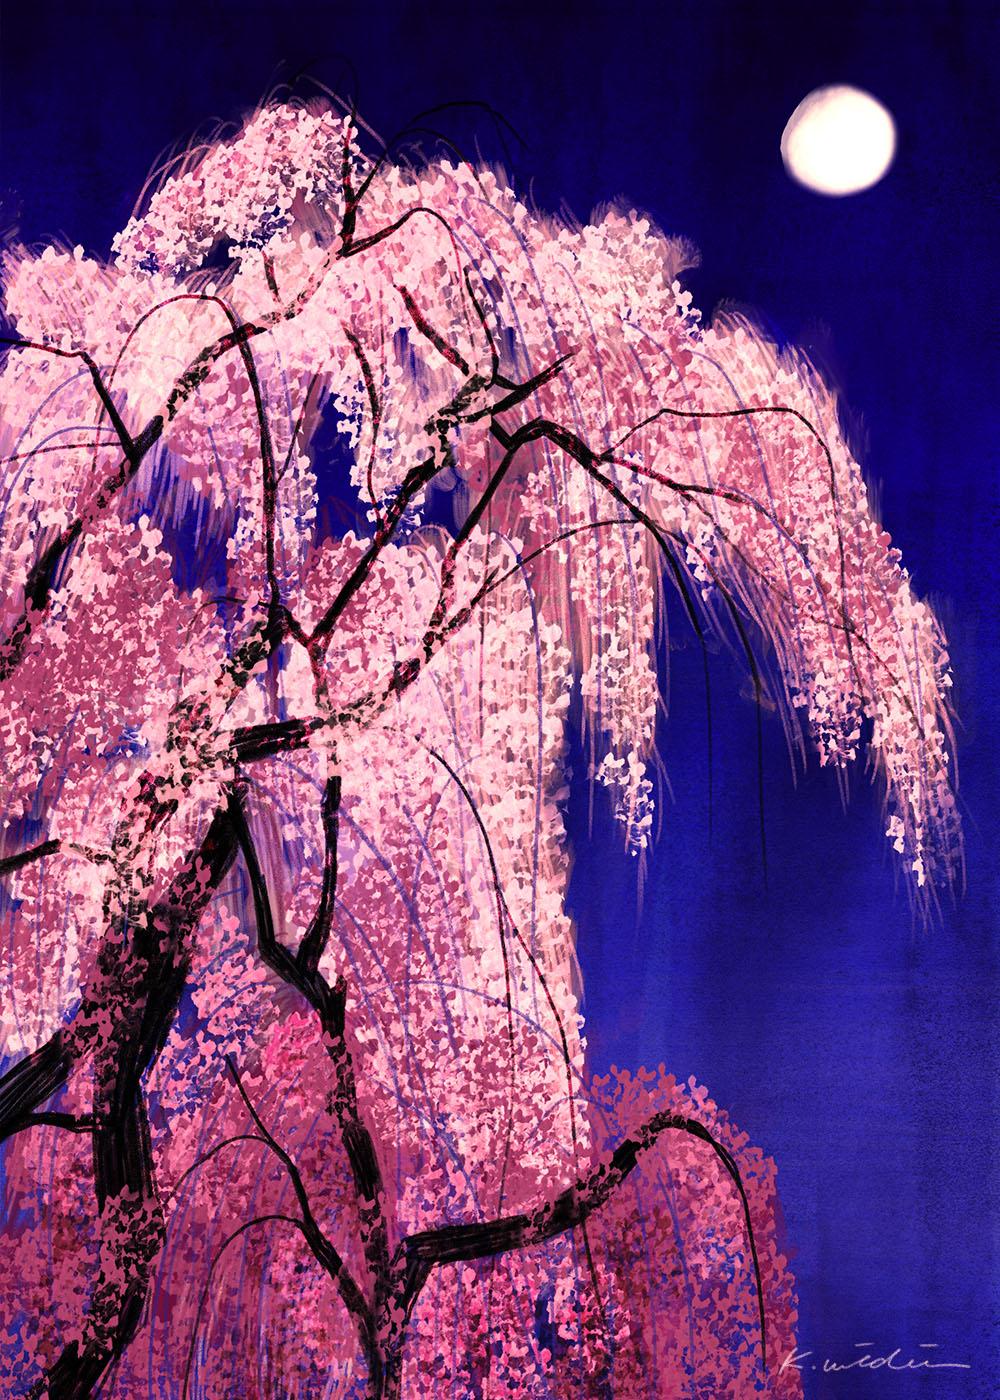 イラストレーション 風景 夜 桜 月